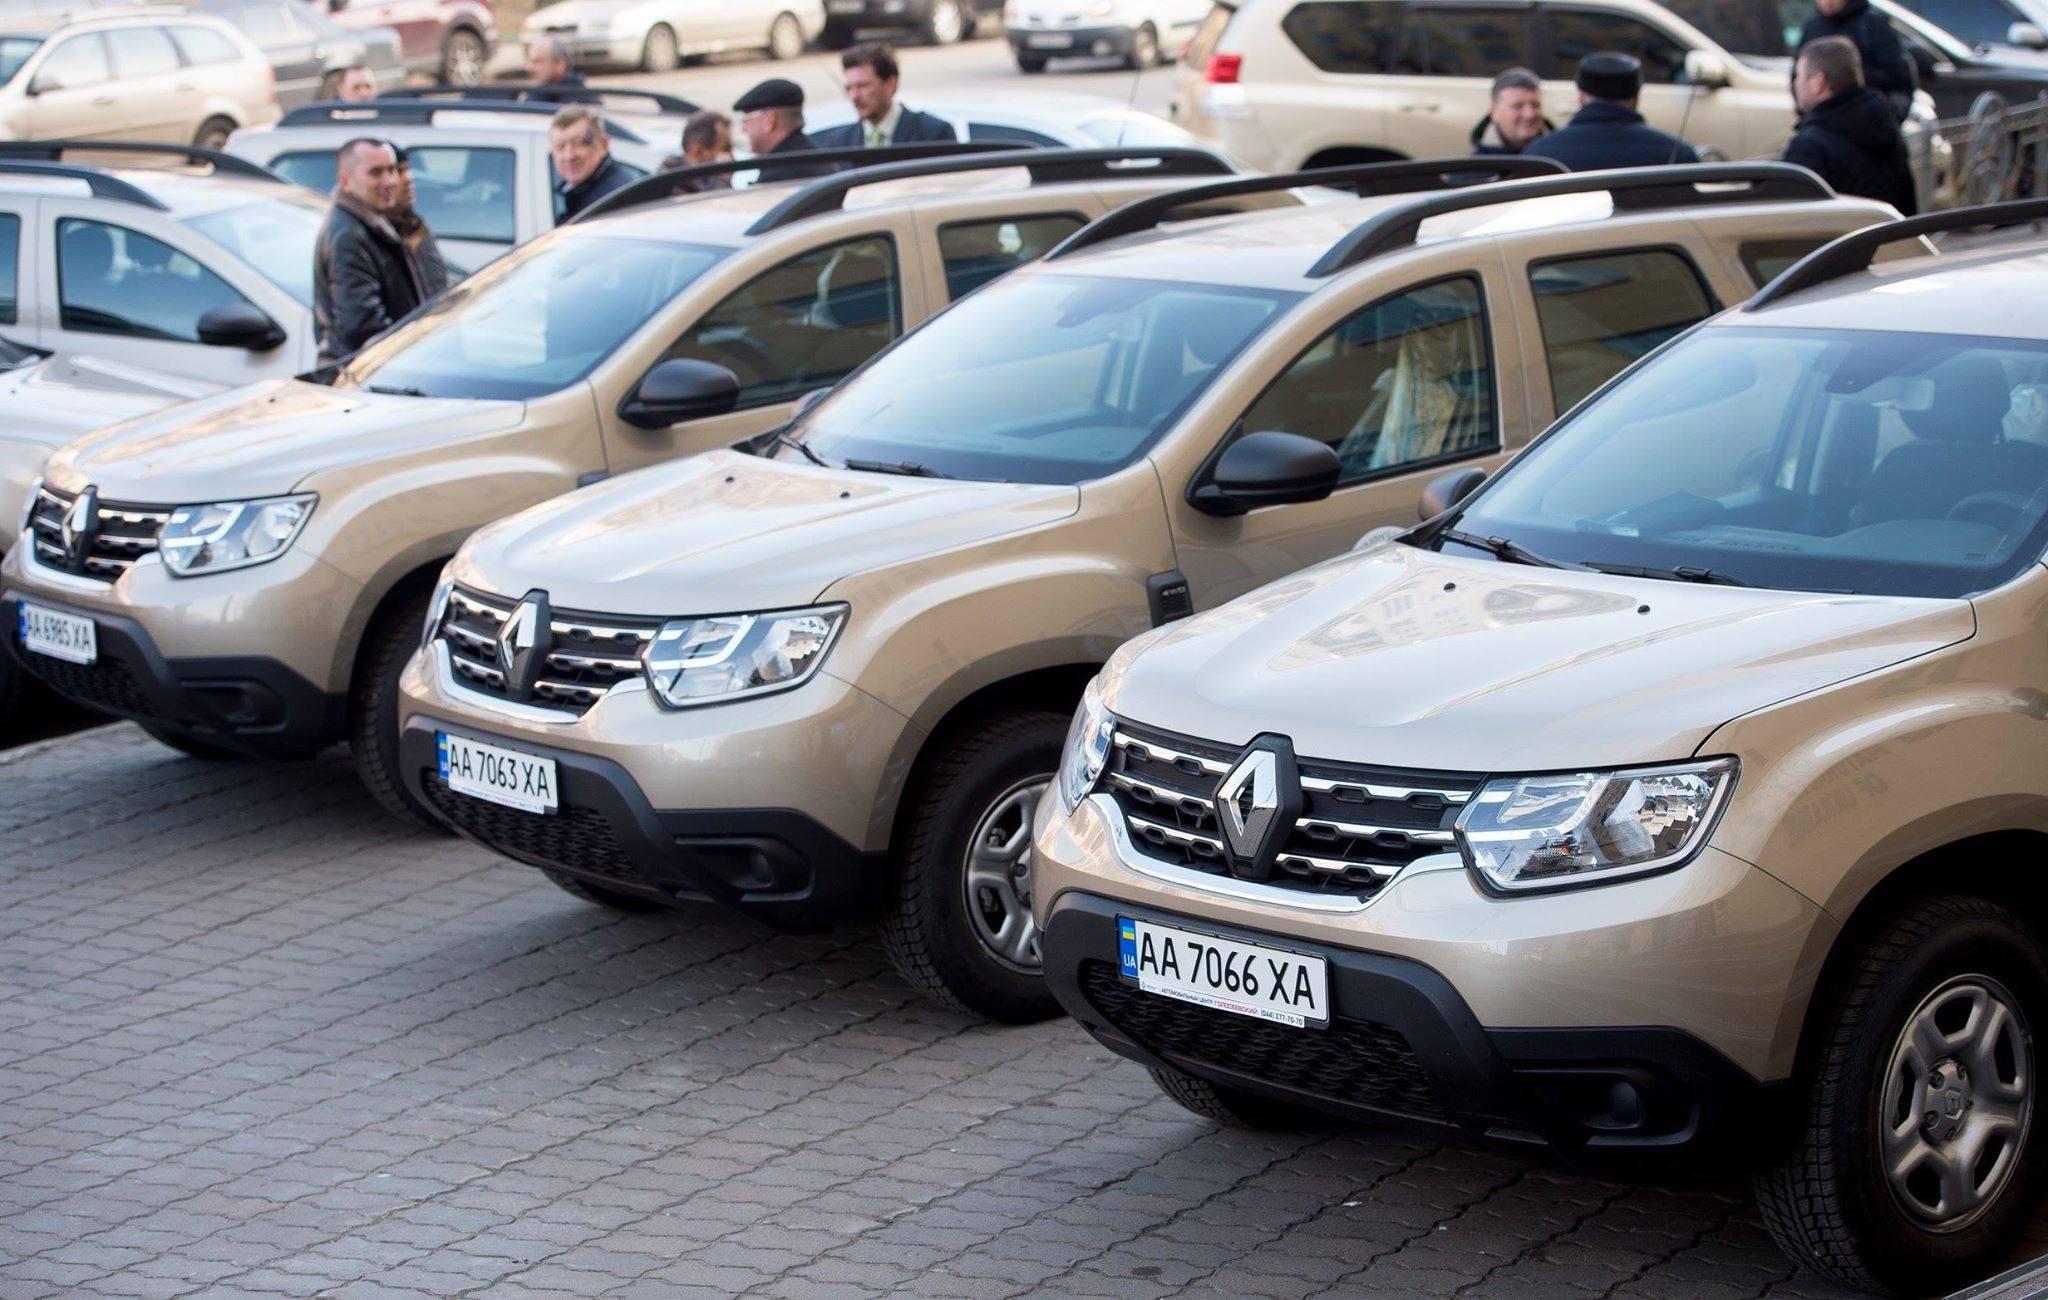 Ківерцівський НПП «Цуманська пуща» отримав спеціально обладнаний автомобіль